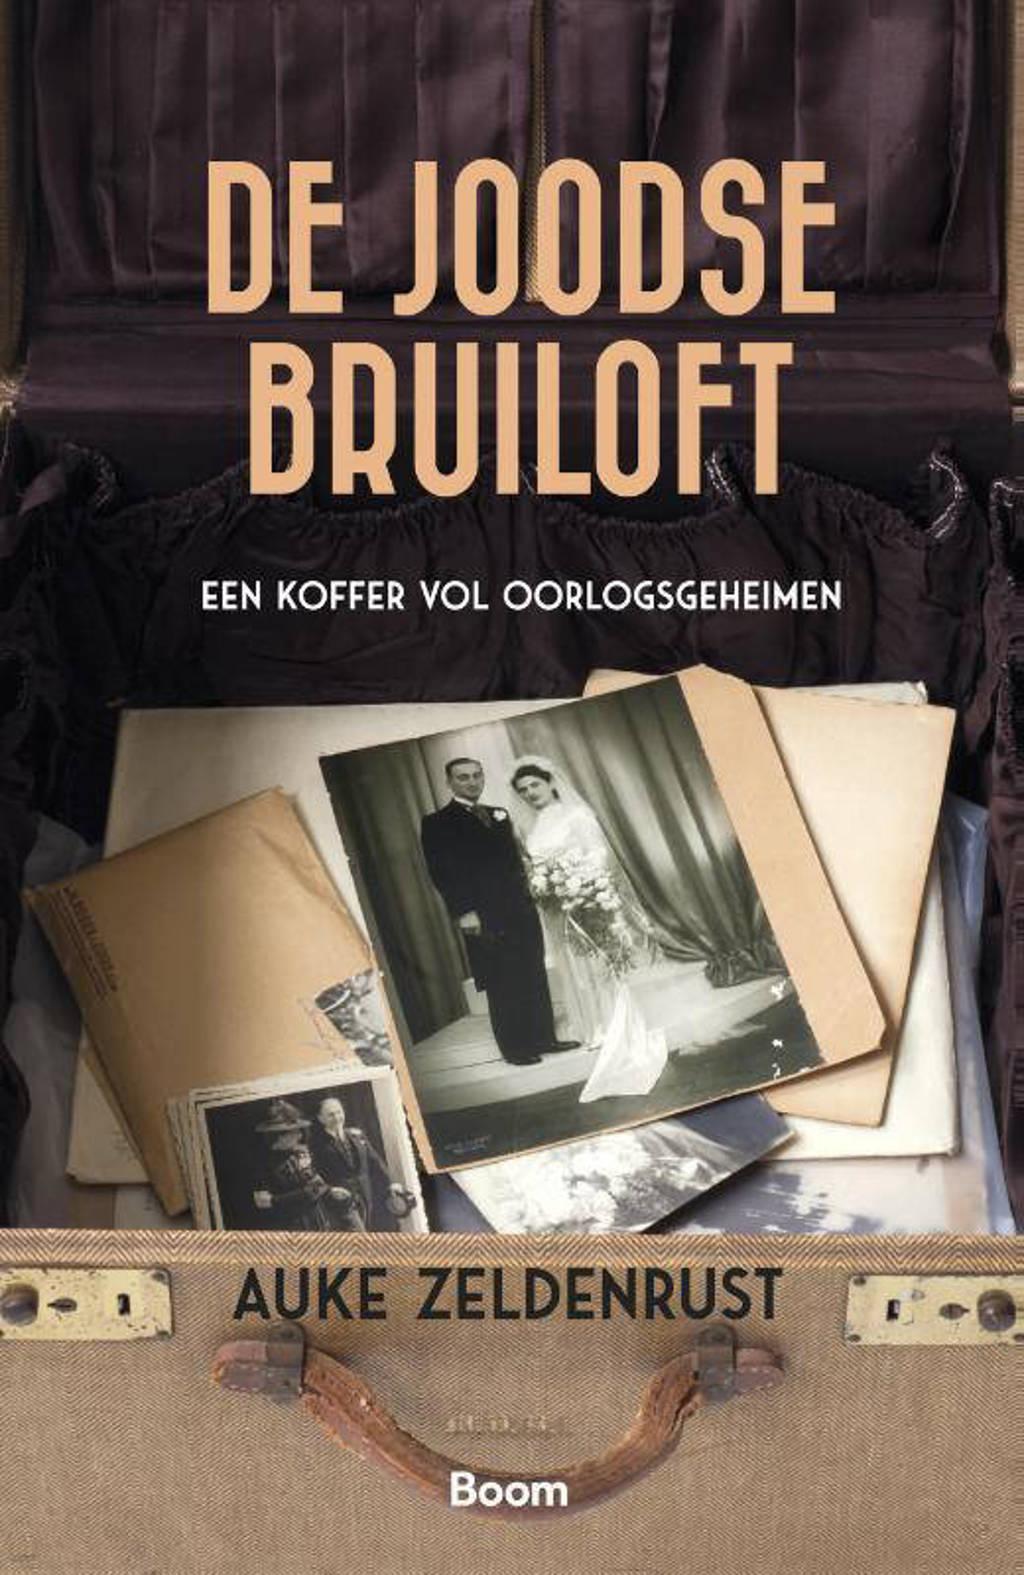 De Joodse bruiloft - Auke Zeldenrust